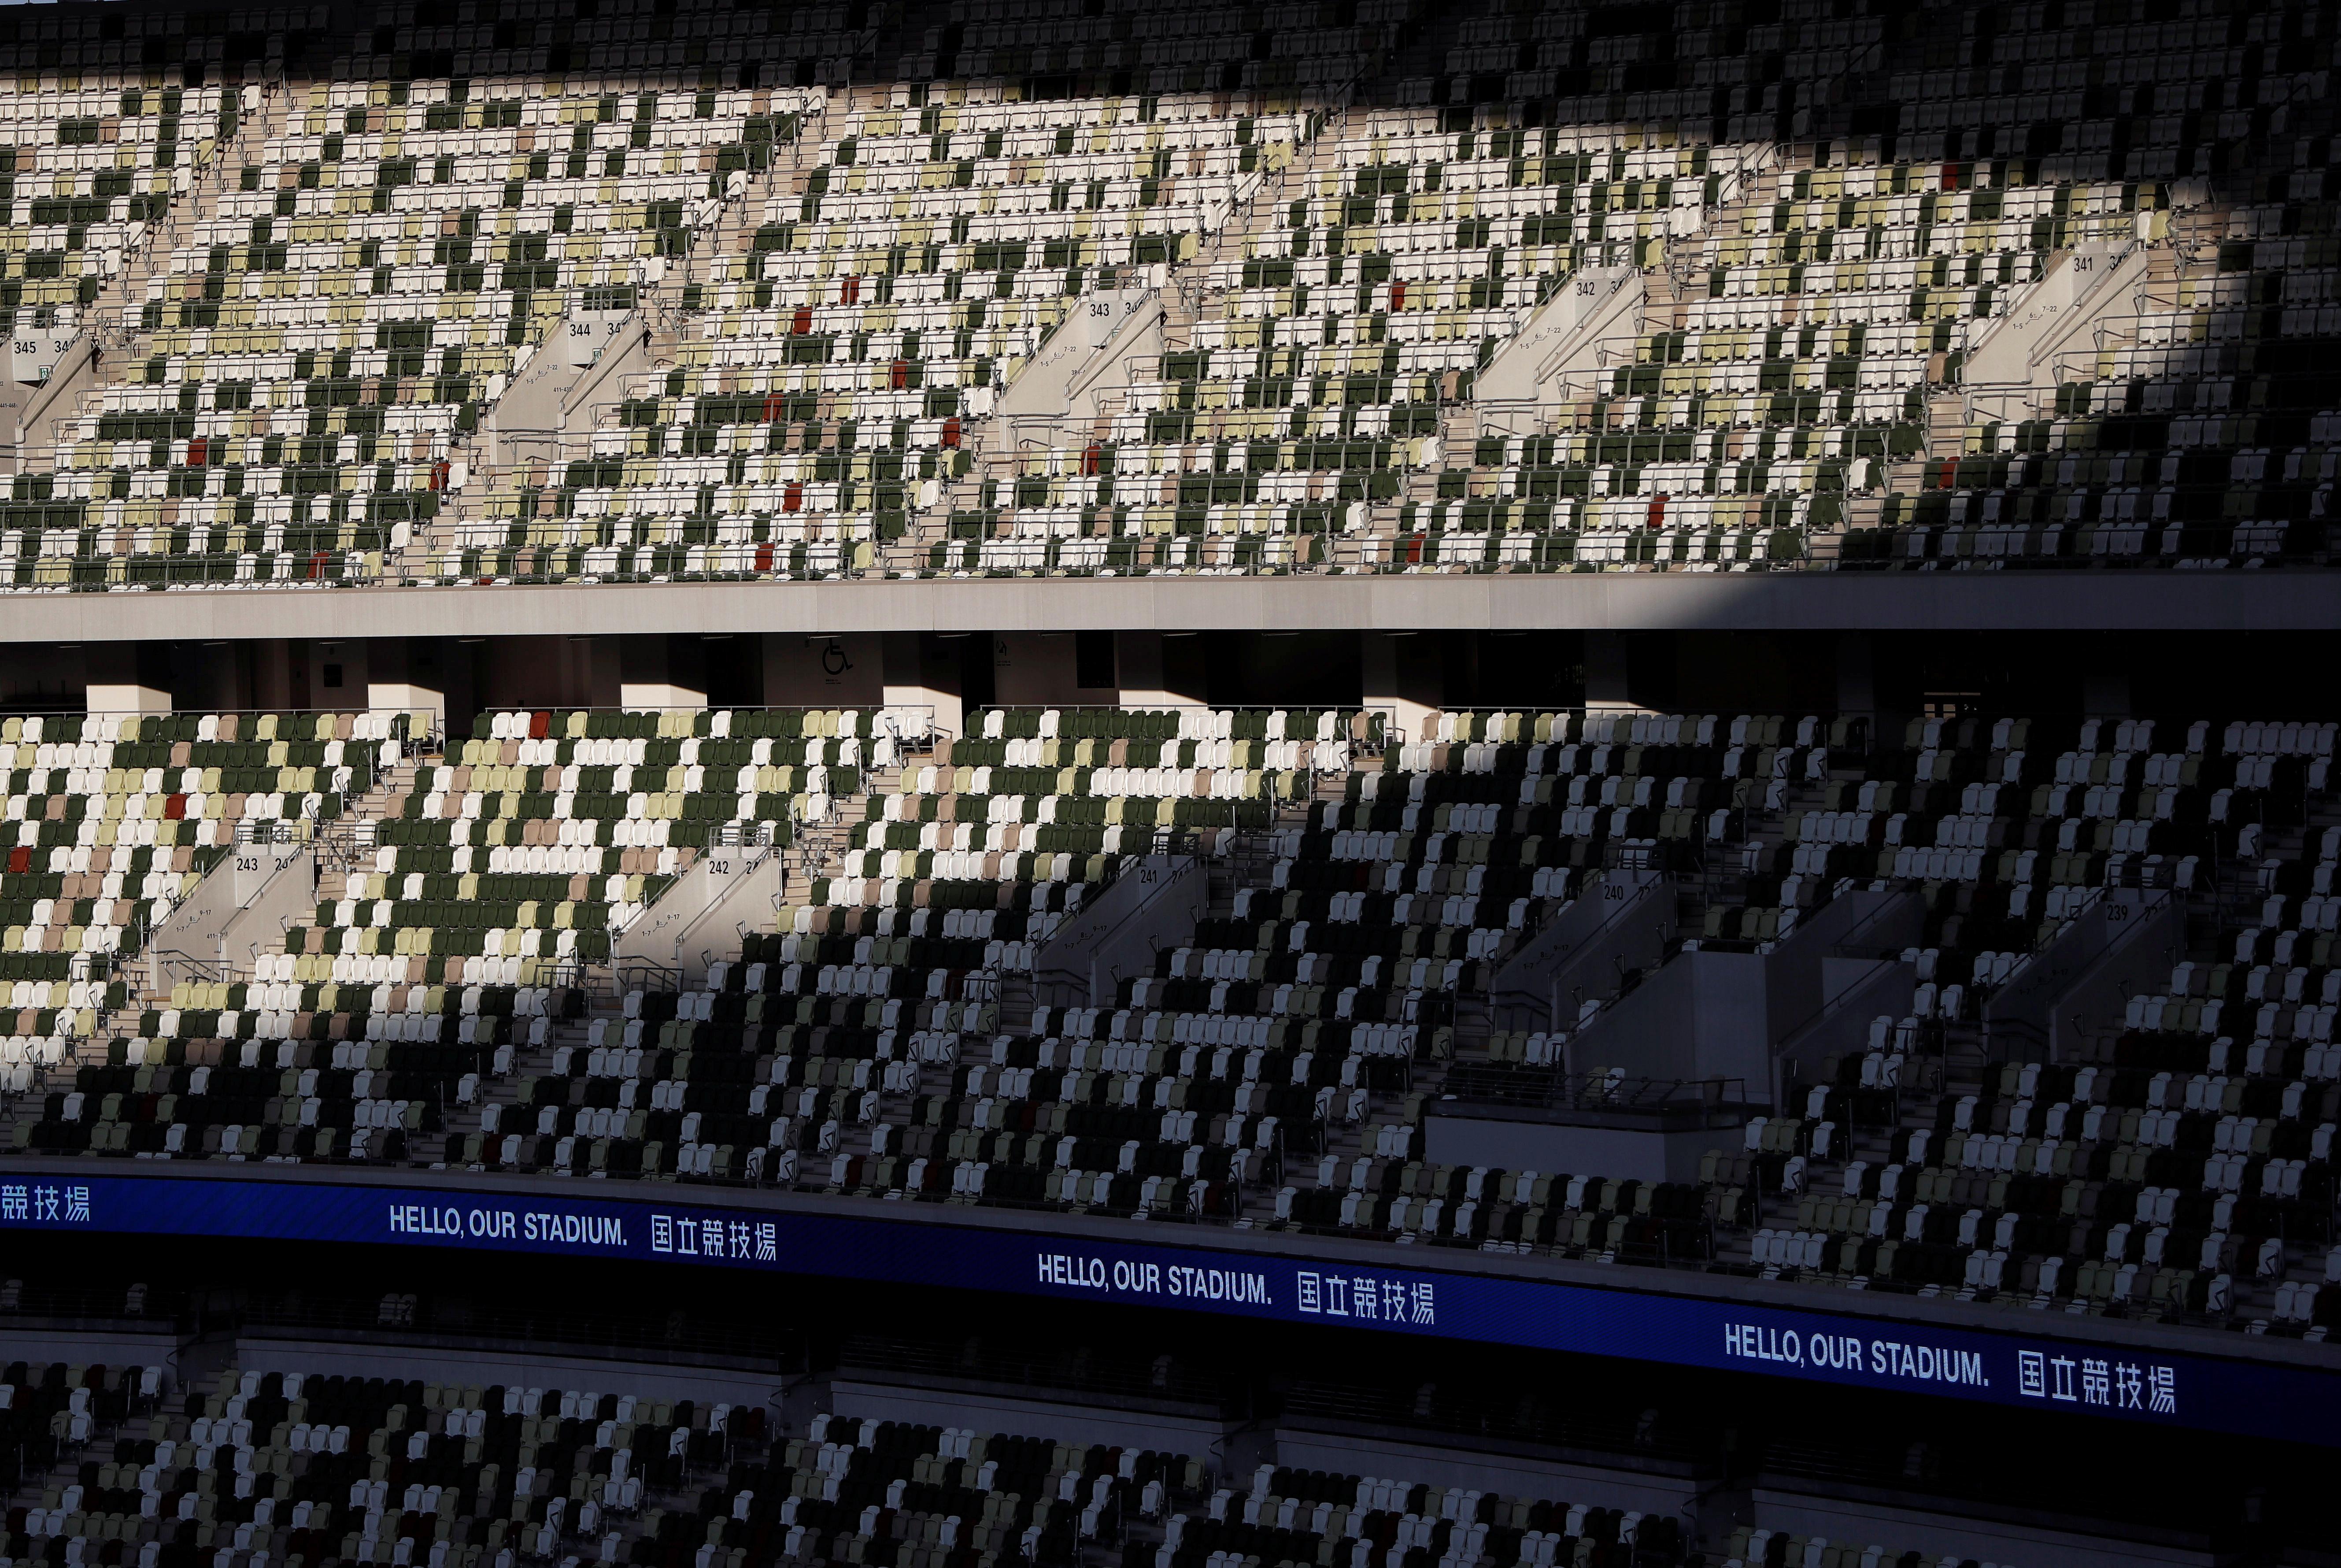 Las sedes de competencia estarán divididas en dos espacios de la ciudad japonesa. La Zona de la Herencia, en la que se utilizarán algunos recintos mejorados que fueron parte de los Juegos Olímpicos en 1964, y la Zona de la Bahía, el nuevo espacio donde se ubicaran las construcción, específicamente llevadas a cabo para la edición de 2020